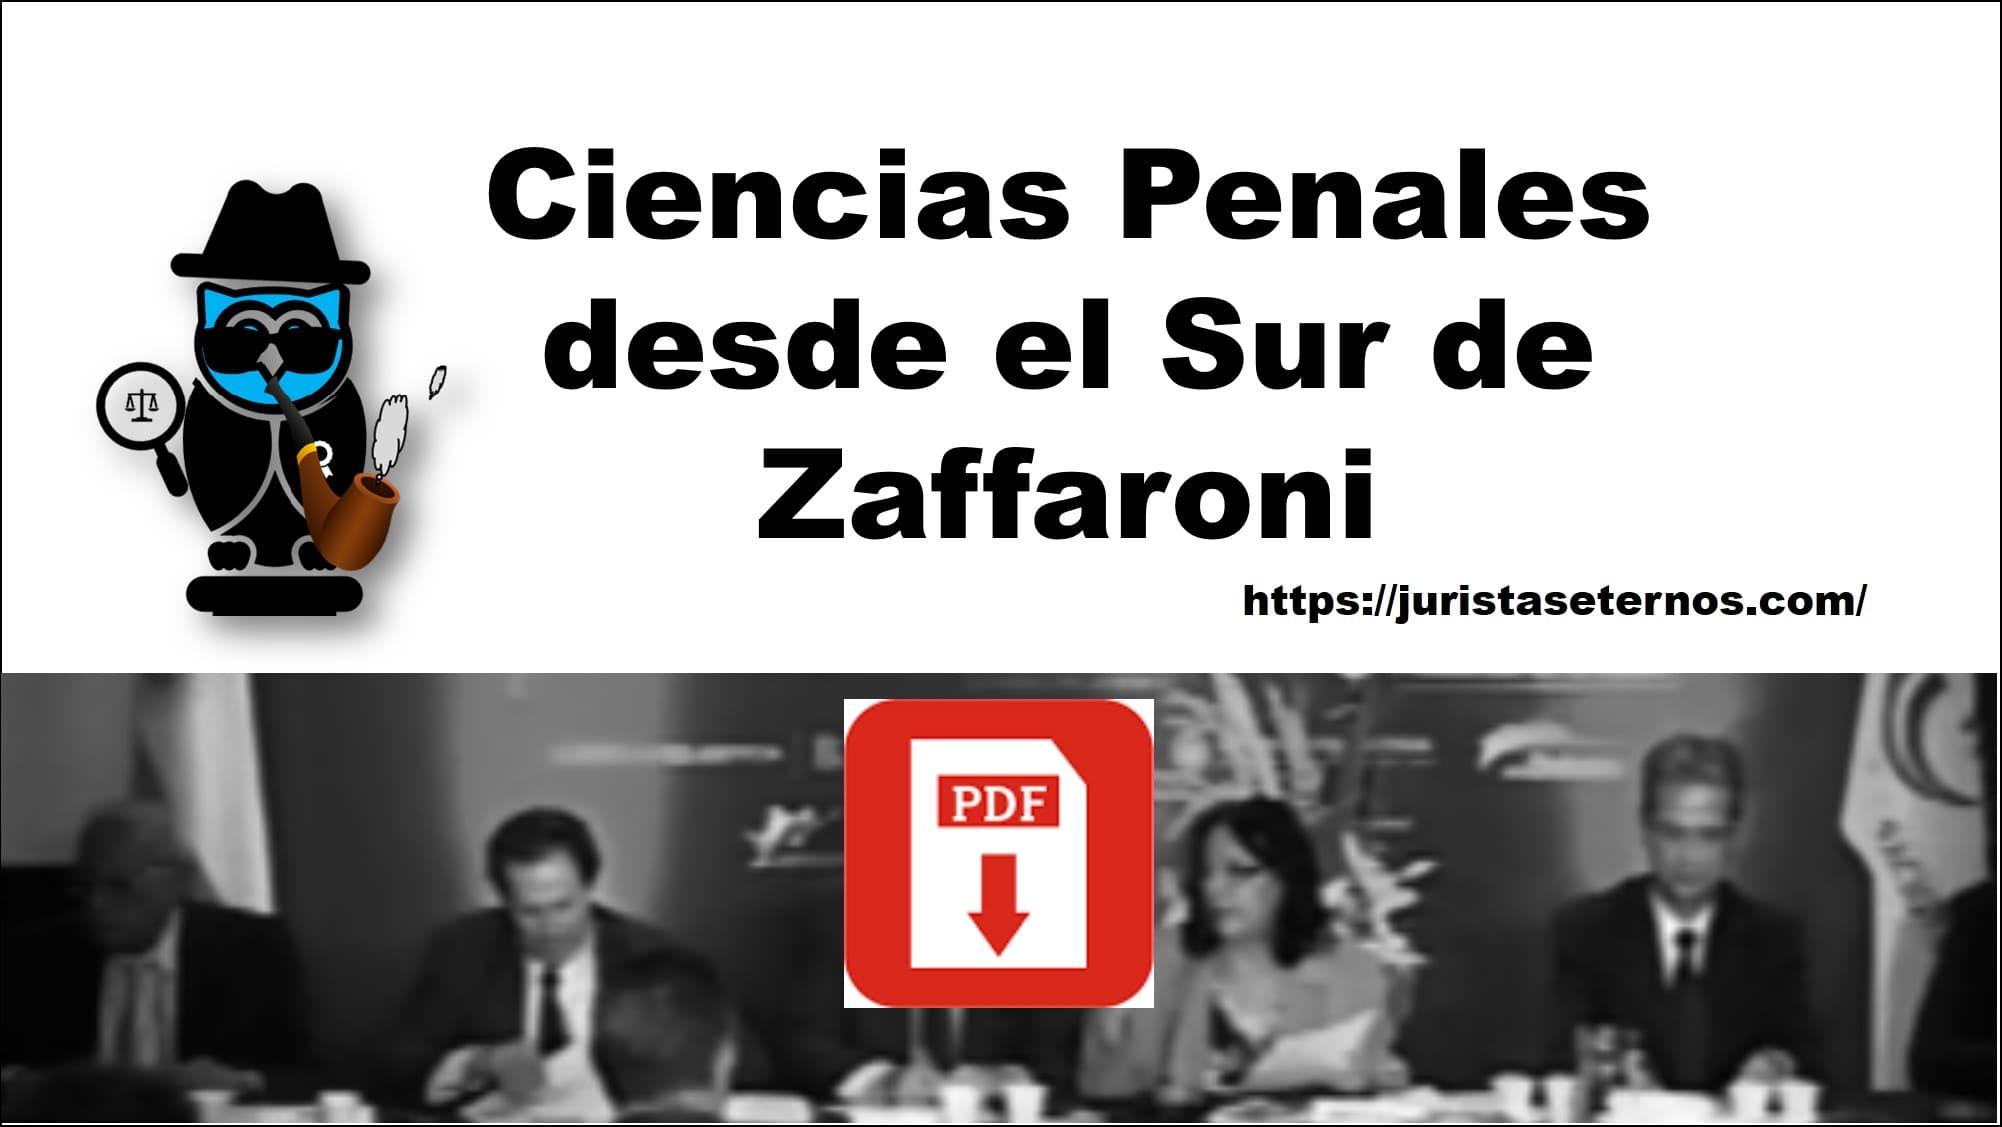 ciencias penales desde el sur zaffaroni pdf